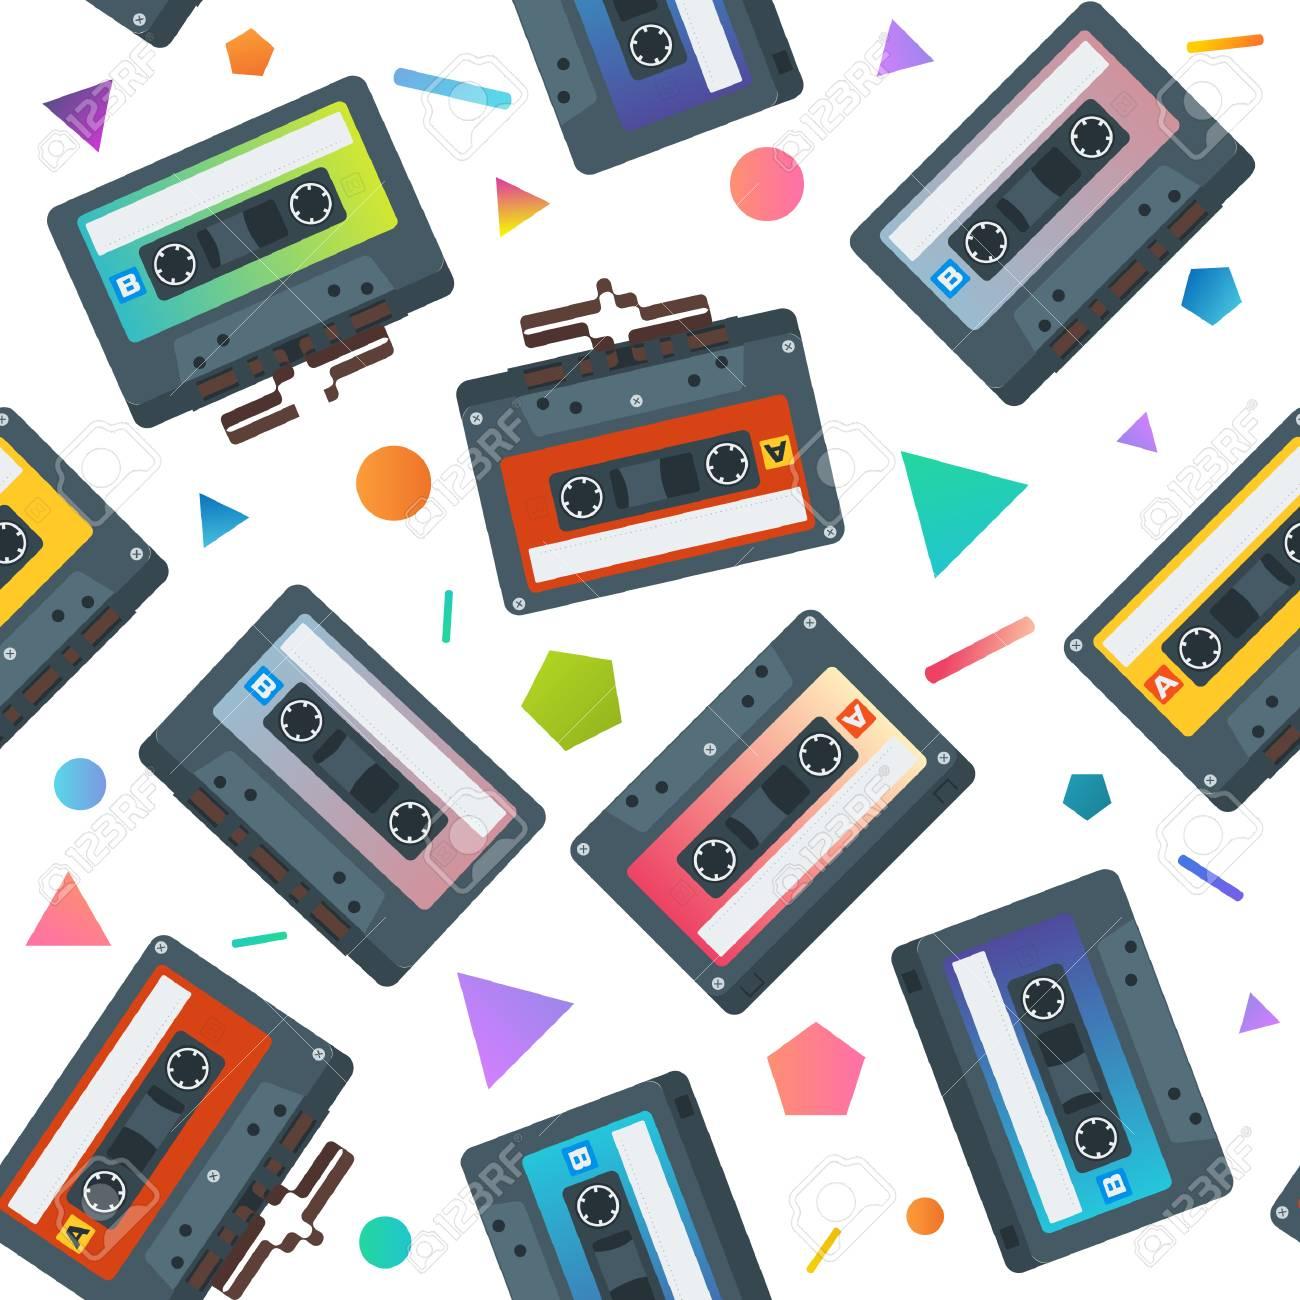 フラットのカセット テープのシームレスなパターンベクター背景